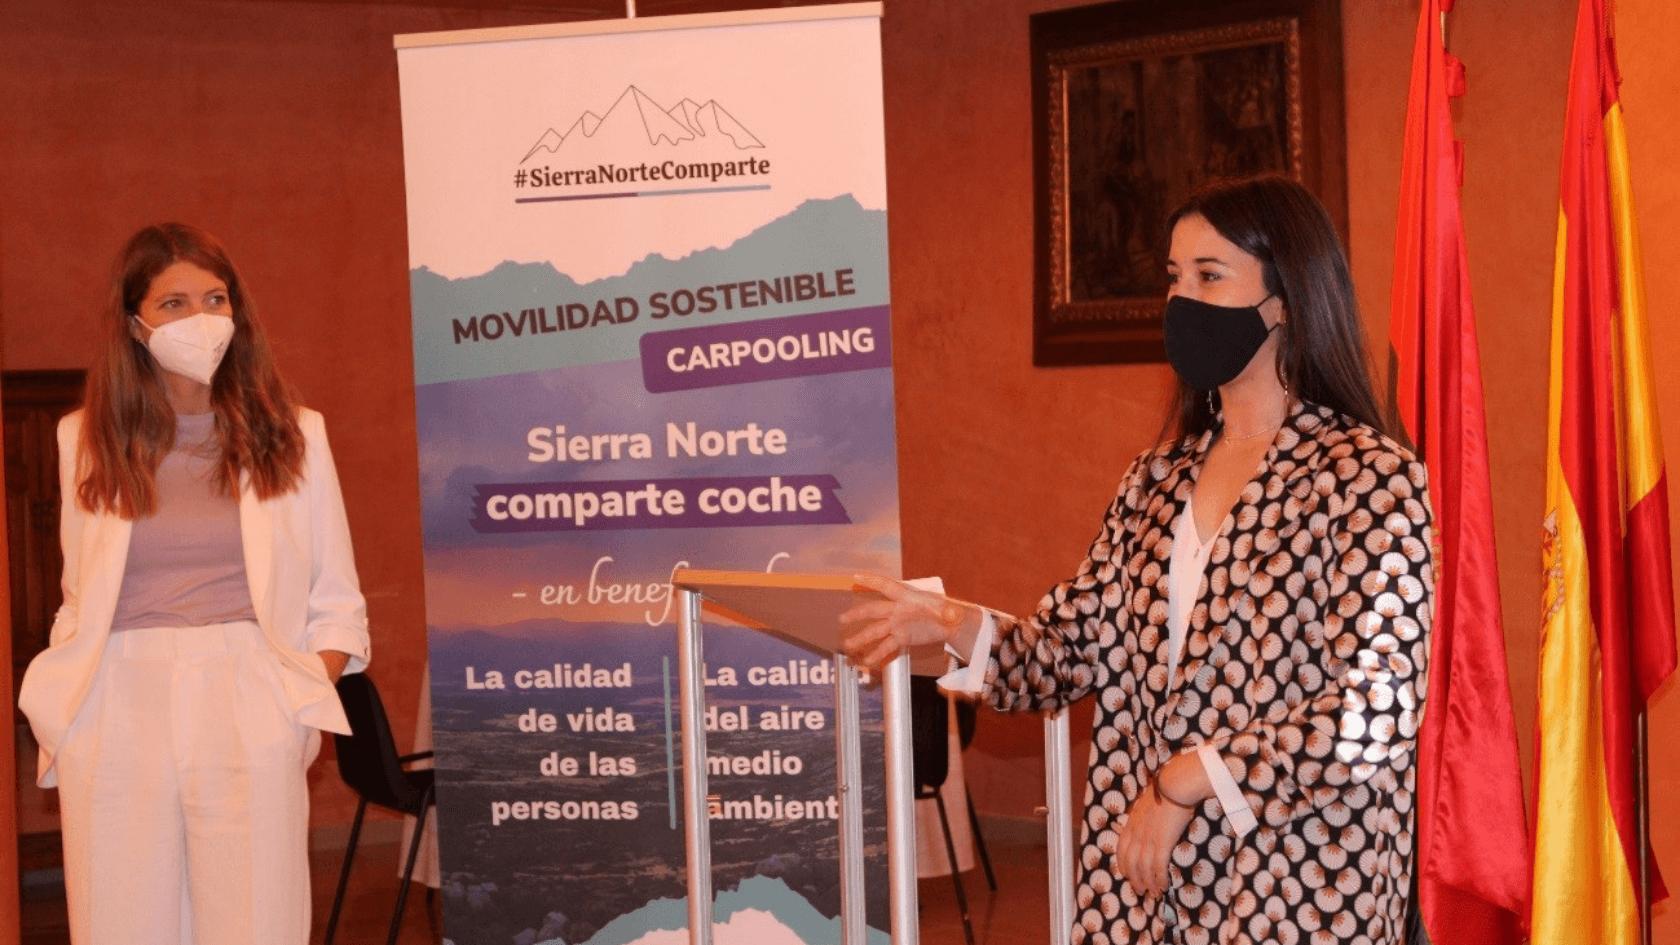 Presentación de un proyecto sin precedentes: #SierraNorteComparte